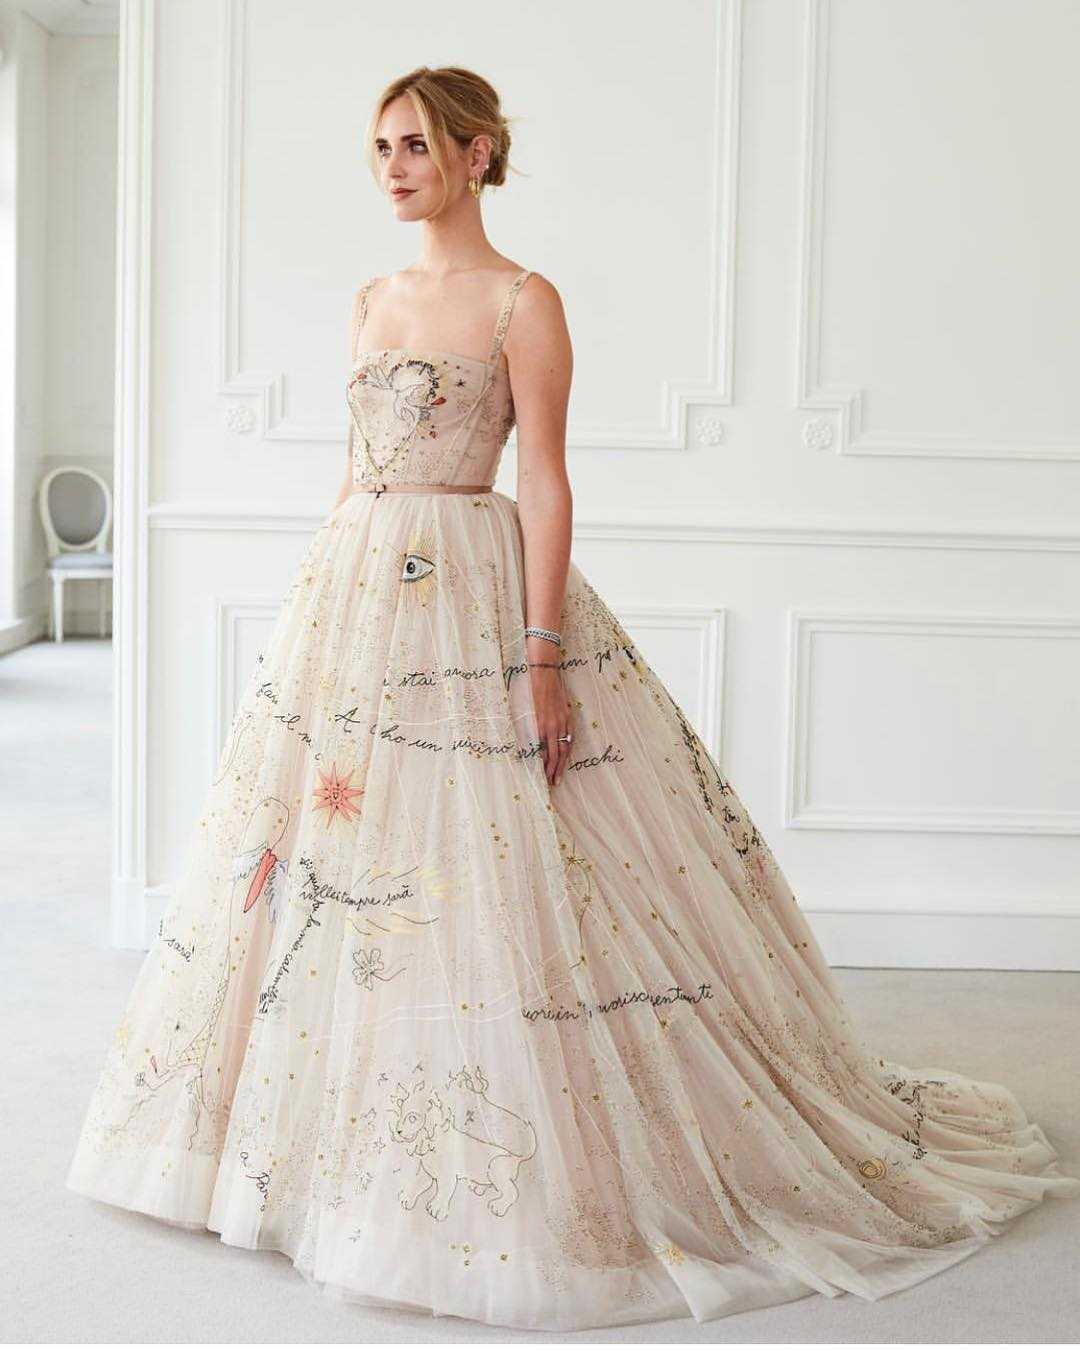 Chiara Ferragni Dior Abito Anello (4)